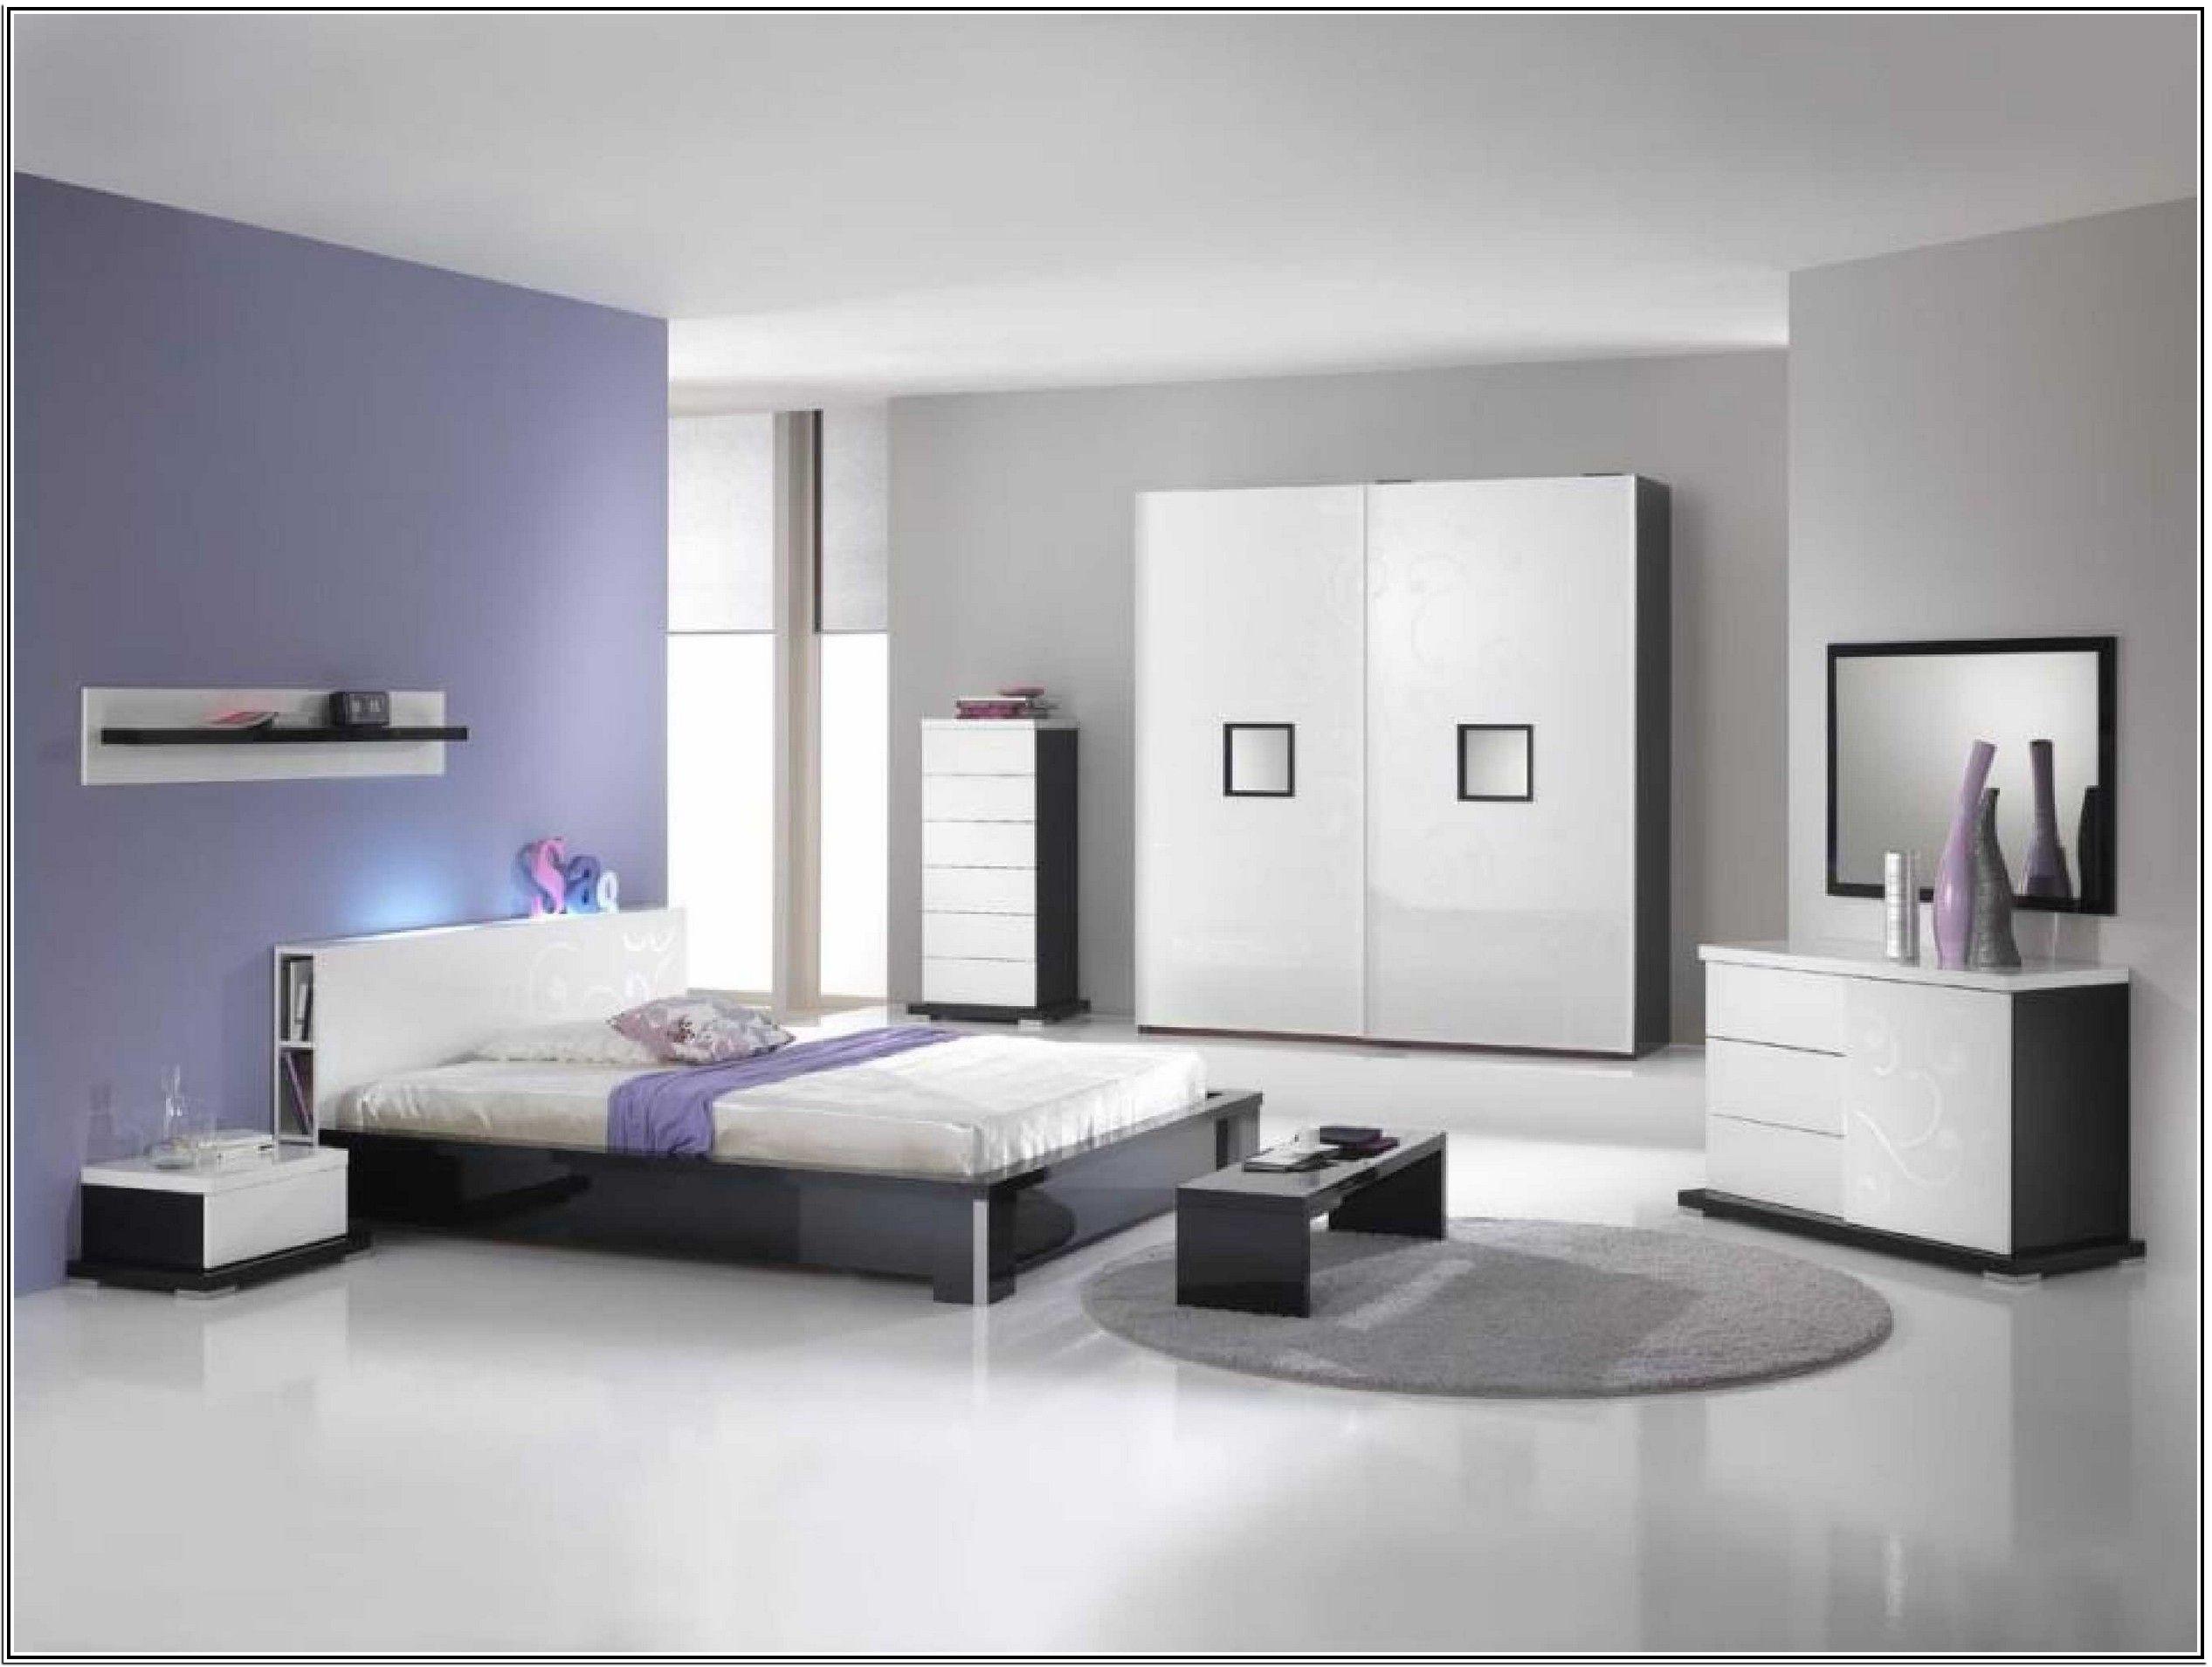 Bedrooms Furniture Design Elegant Bedroom Dressers  Design Ideas 20172018  Pinterest